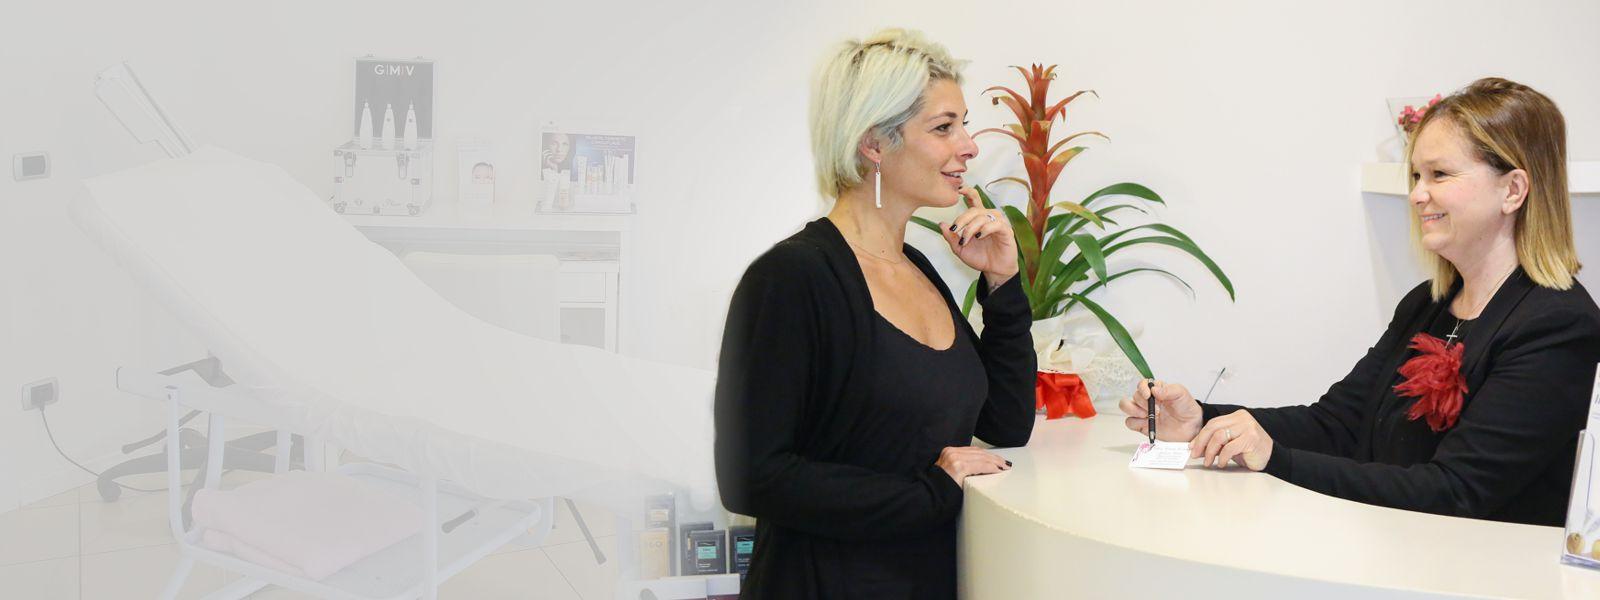 Ambulatorio Dottoressa Claudia Ceccaroni | Medicina-Estetica